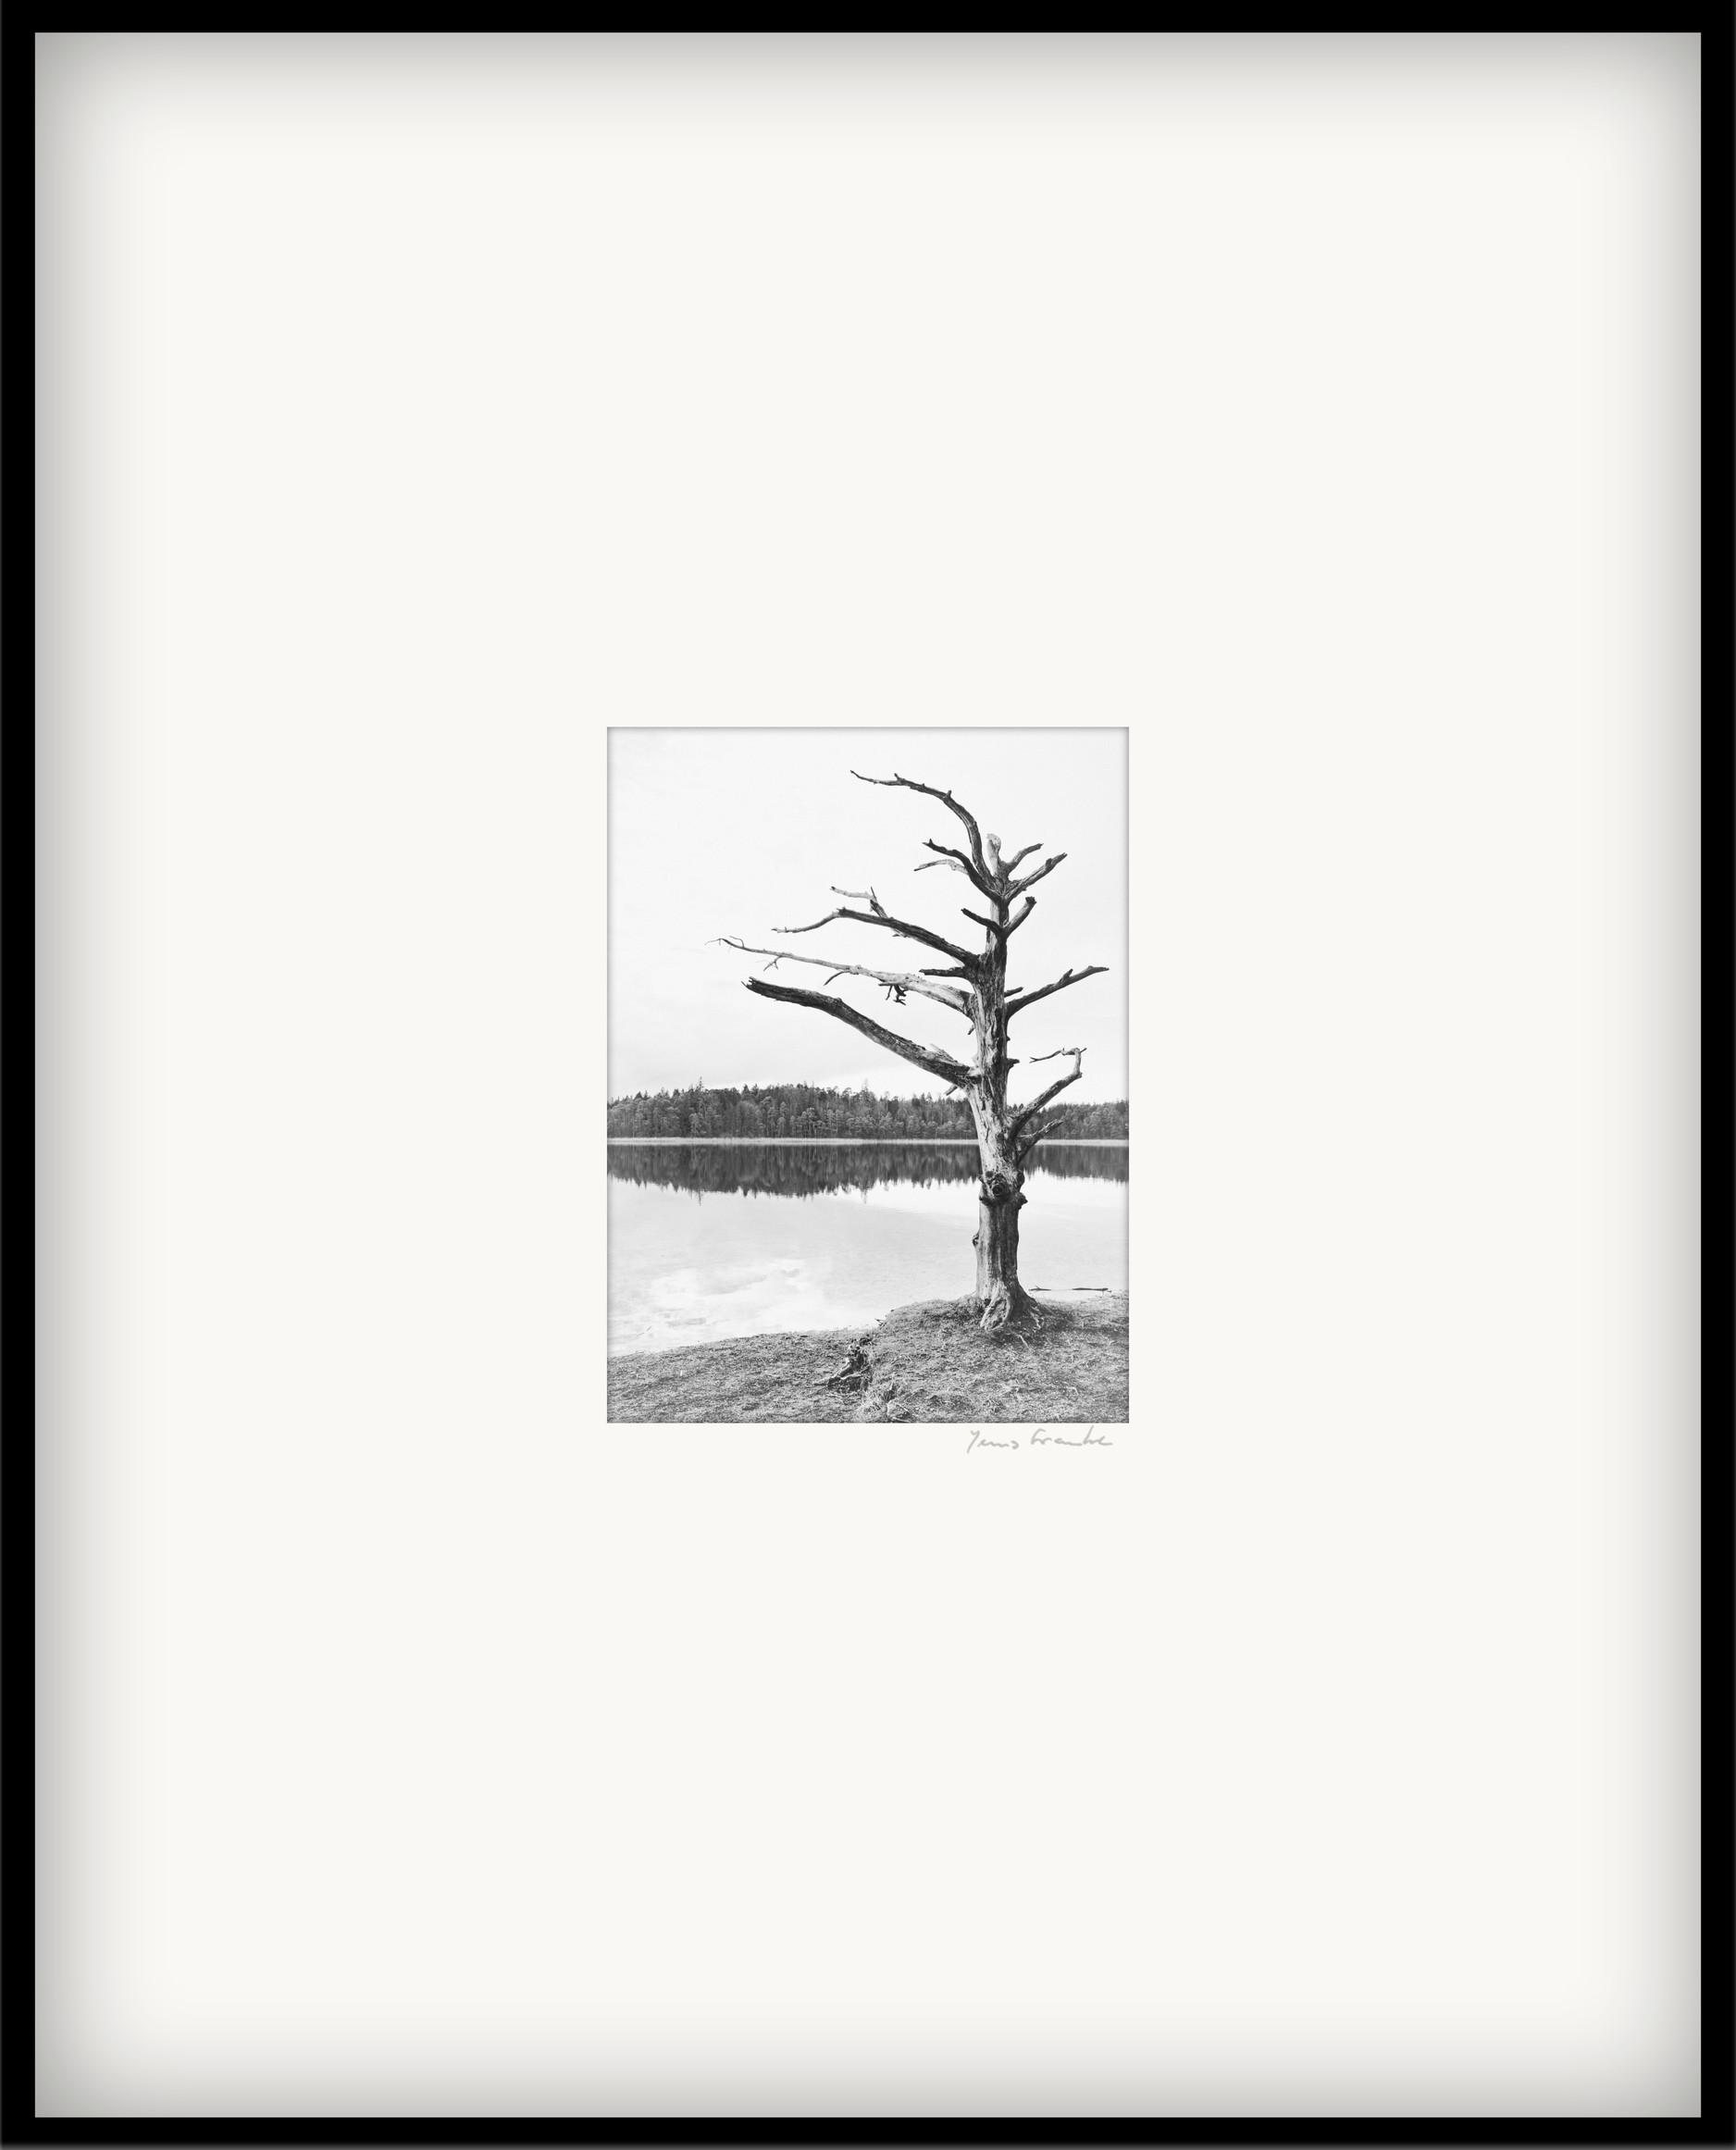 dødt træ